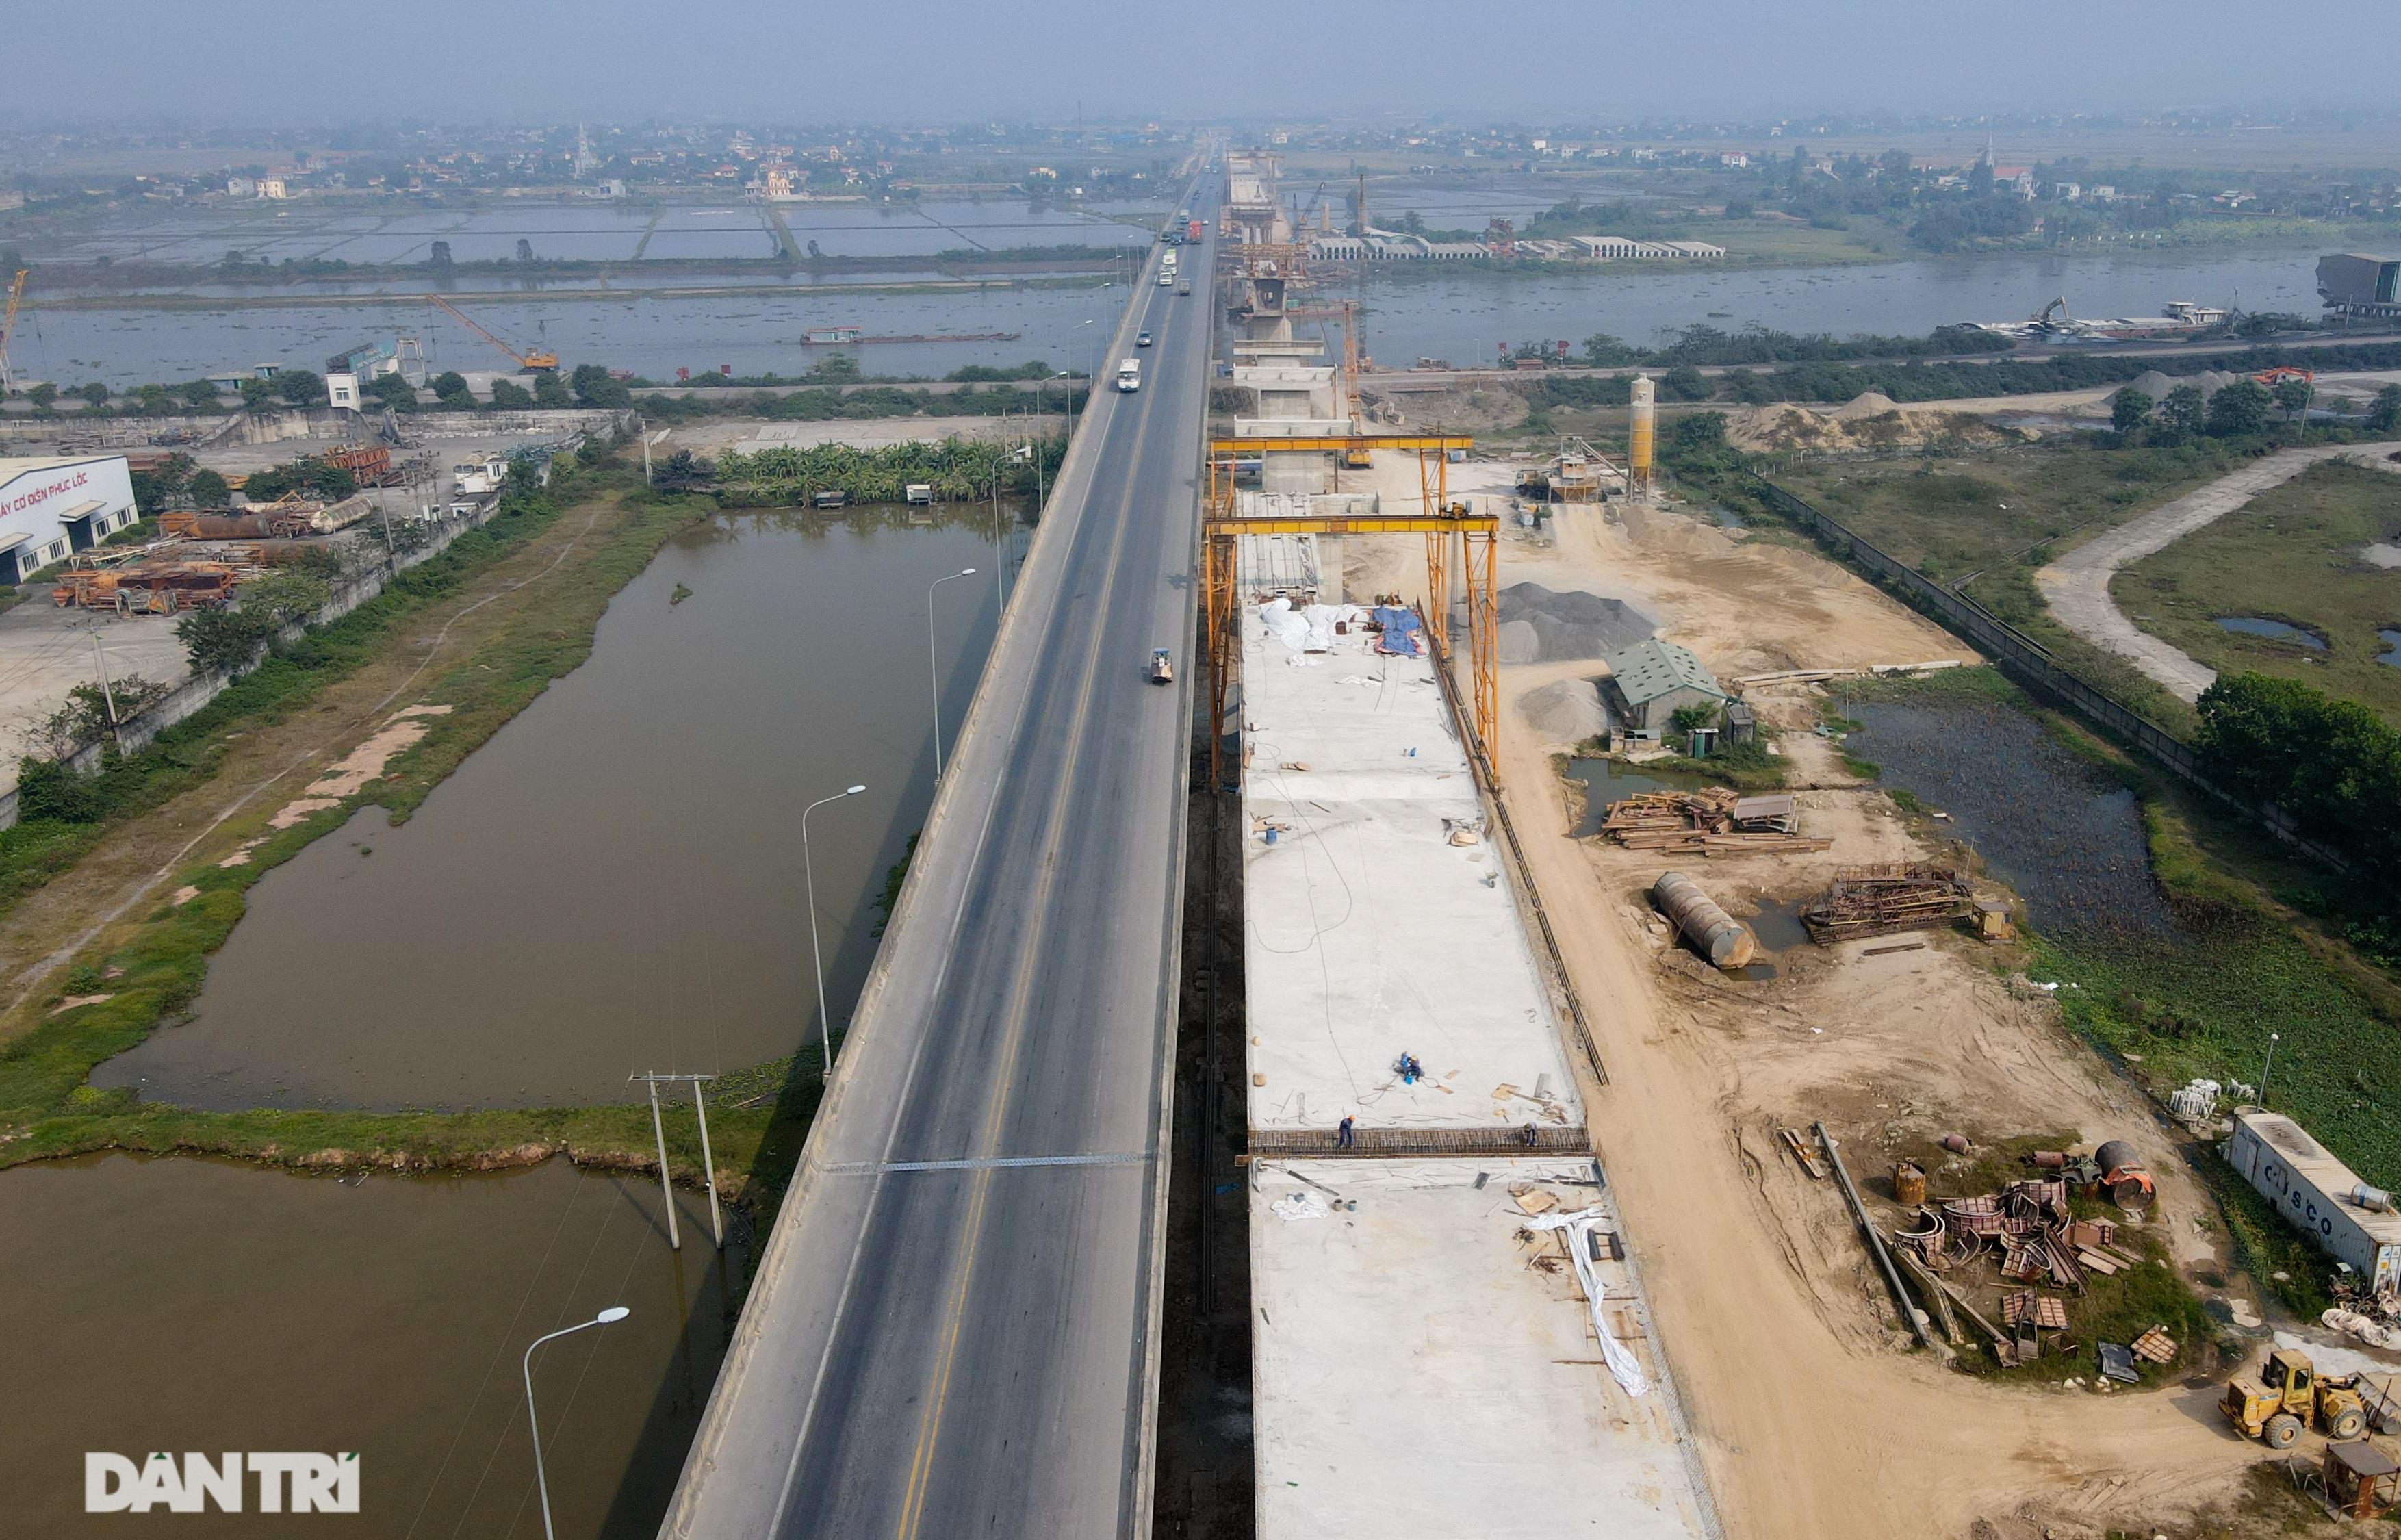 Tuyến cao tốc Ninh Bình - Thanh Hóa 12 nghìn tỷ đồng đang dần hình thành - 3